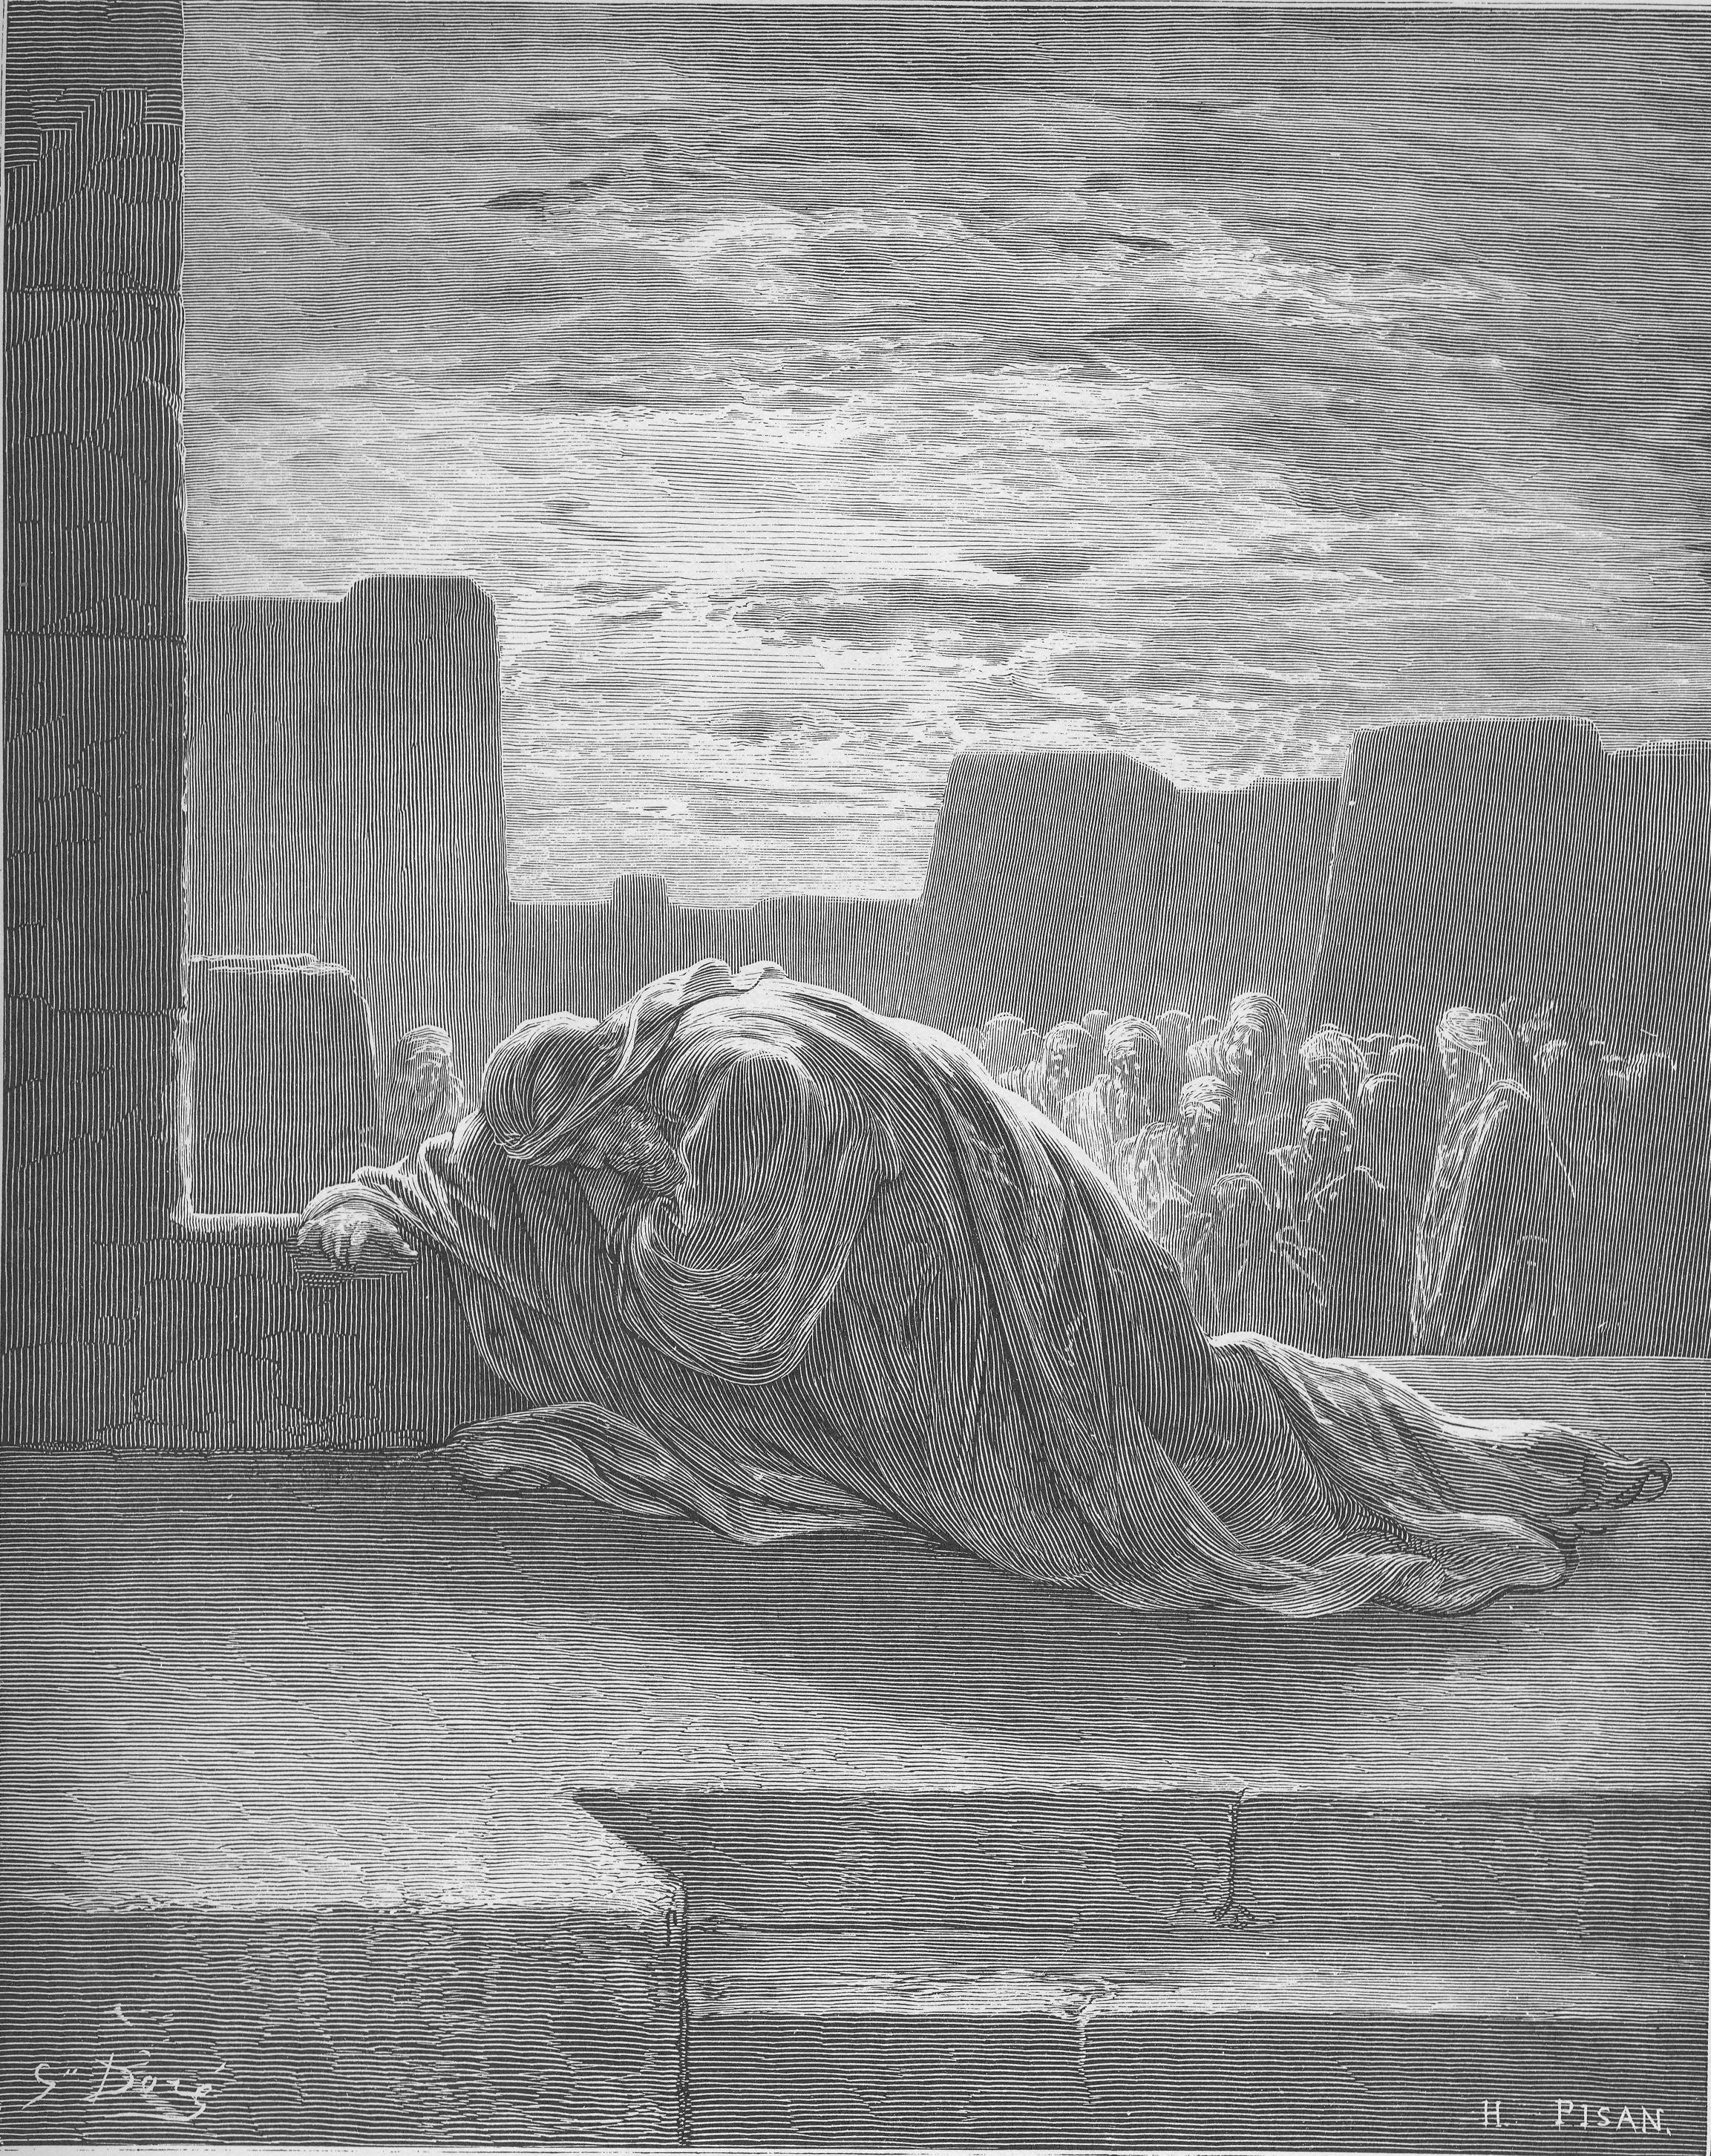 上图:以斯拉祷告,认罪,哭泣,俯伏在神殿前(拉十1)。法国版画家古斯塔夫·多雷(Gustave Doré)1832年的版画作品。